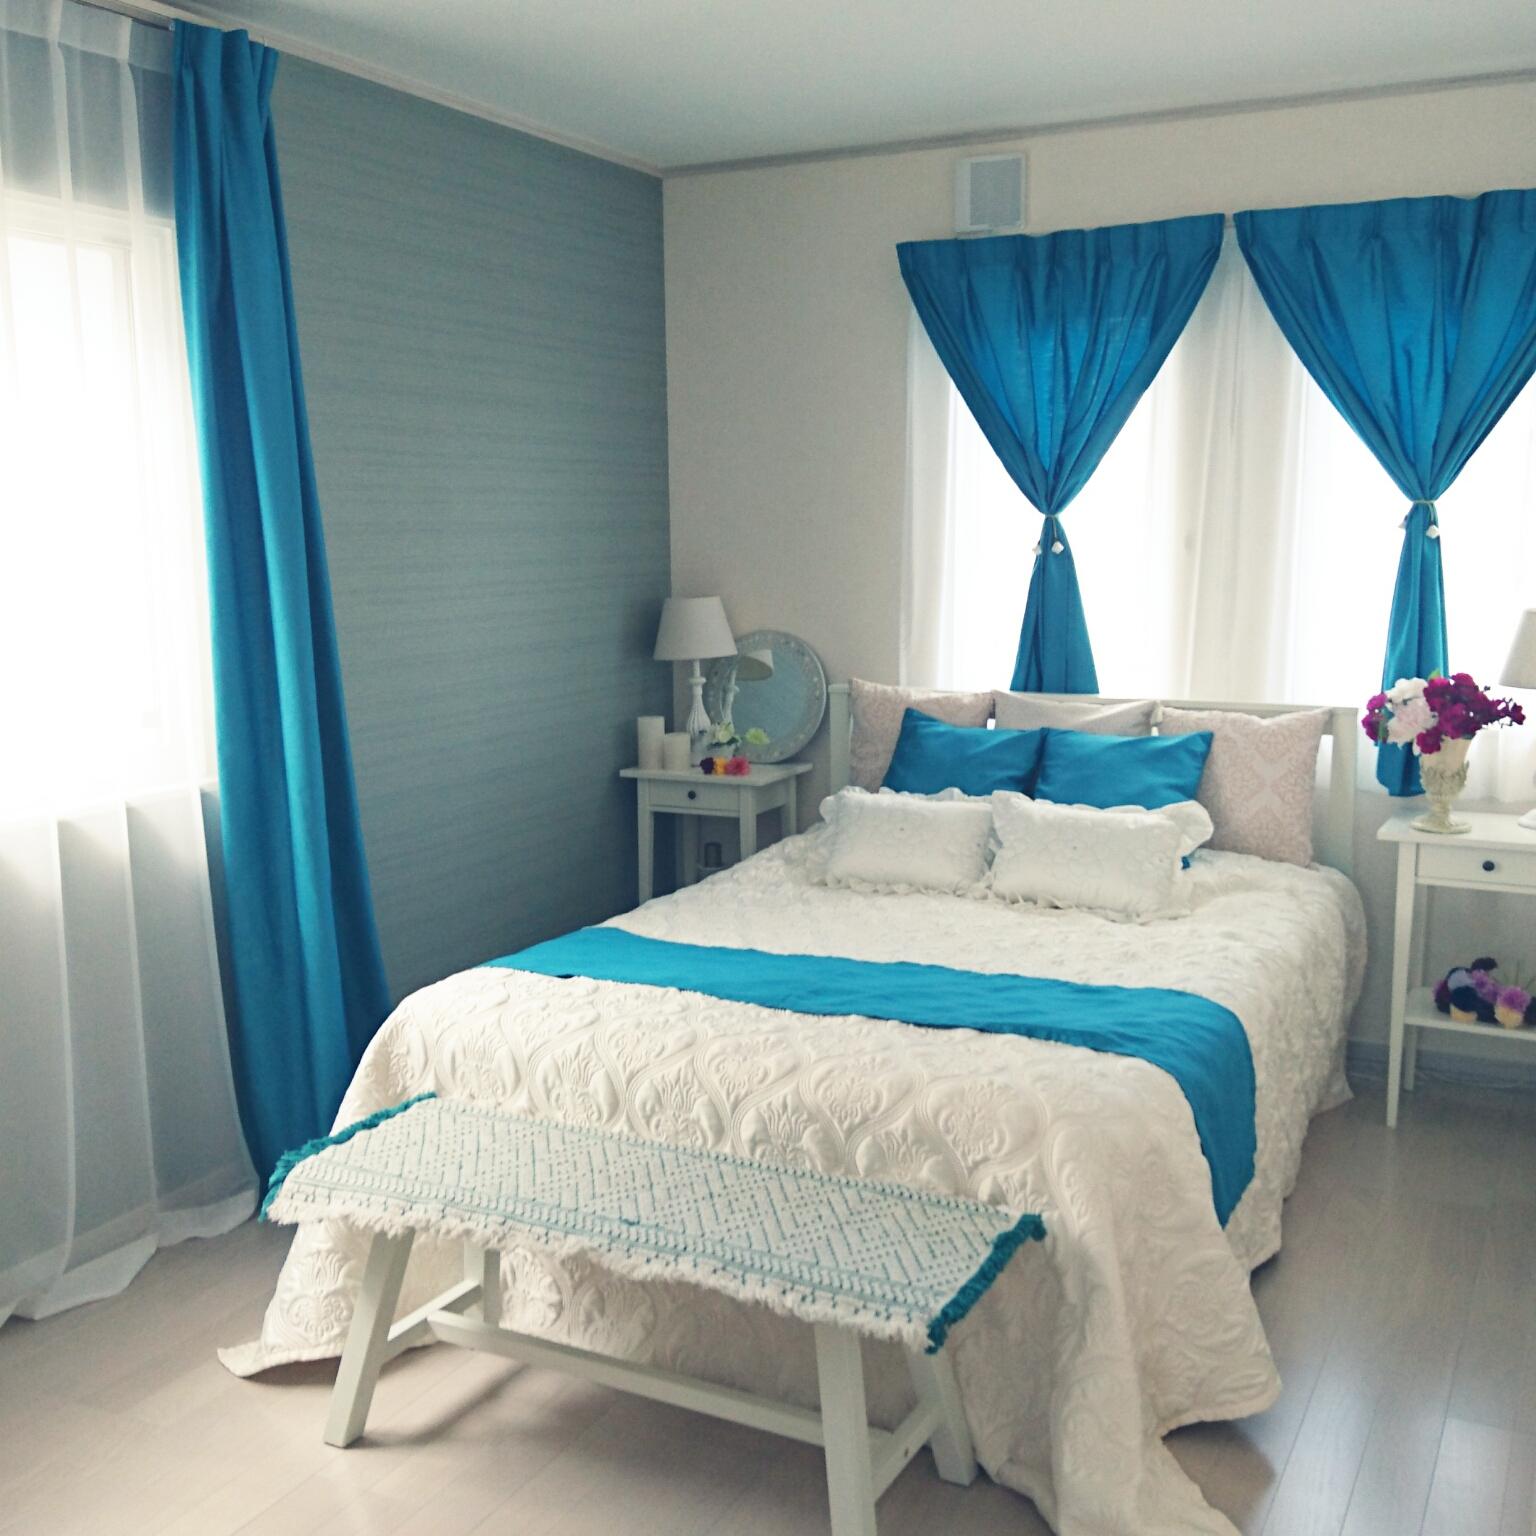 【寝室インテリア集】特別なリラックス空間の作り方